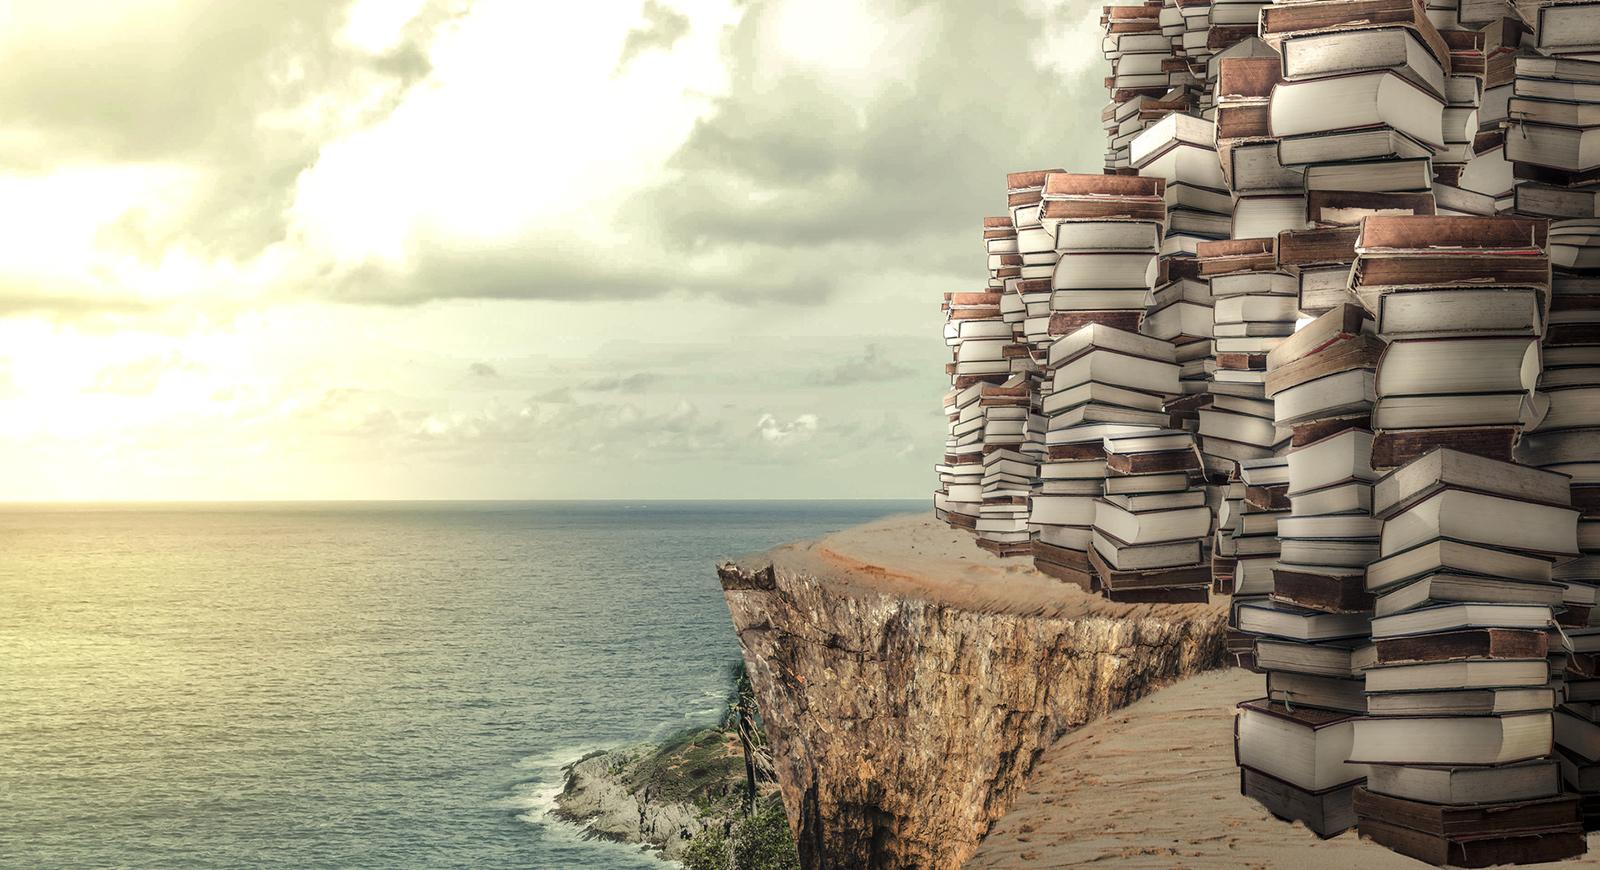 Foto von Büchern auf einer idyllischen Klippe, Urlaubsfeeling.